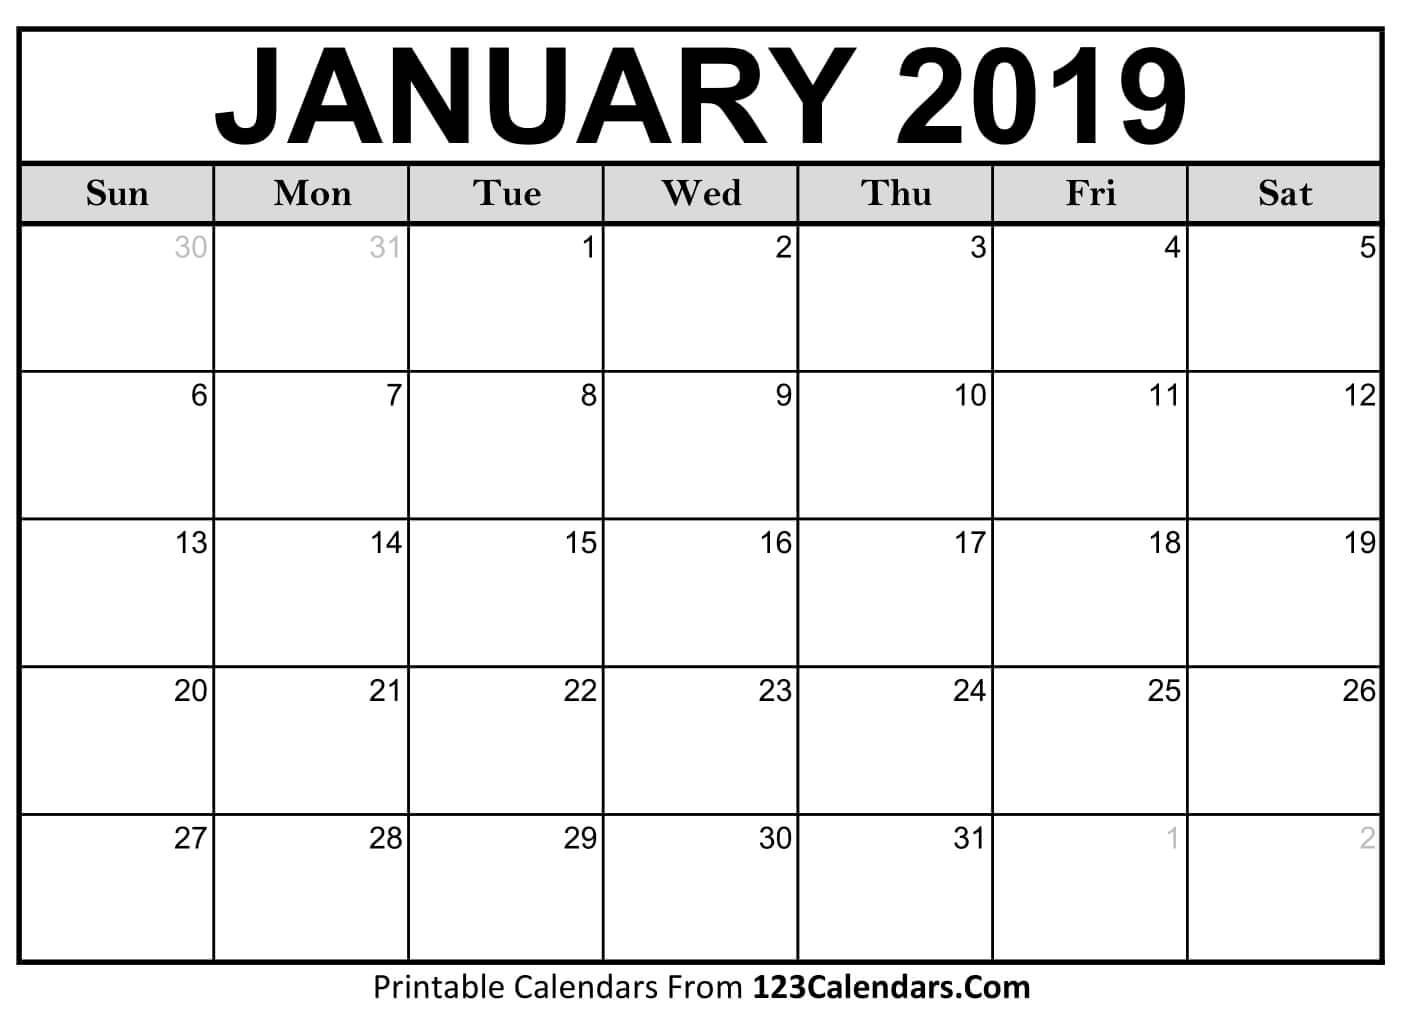 2019 Calendar Jan